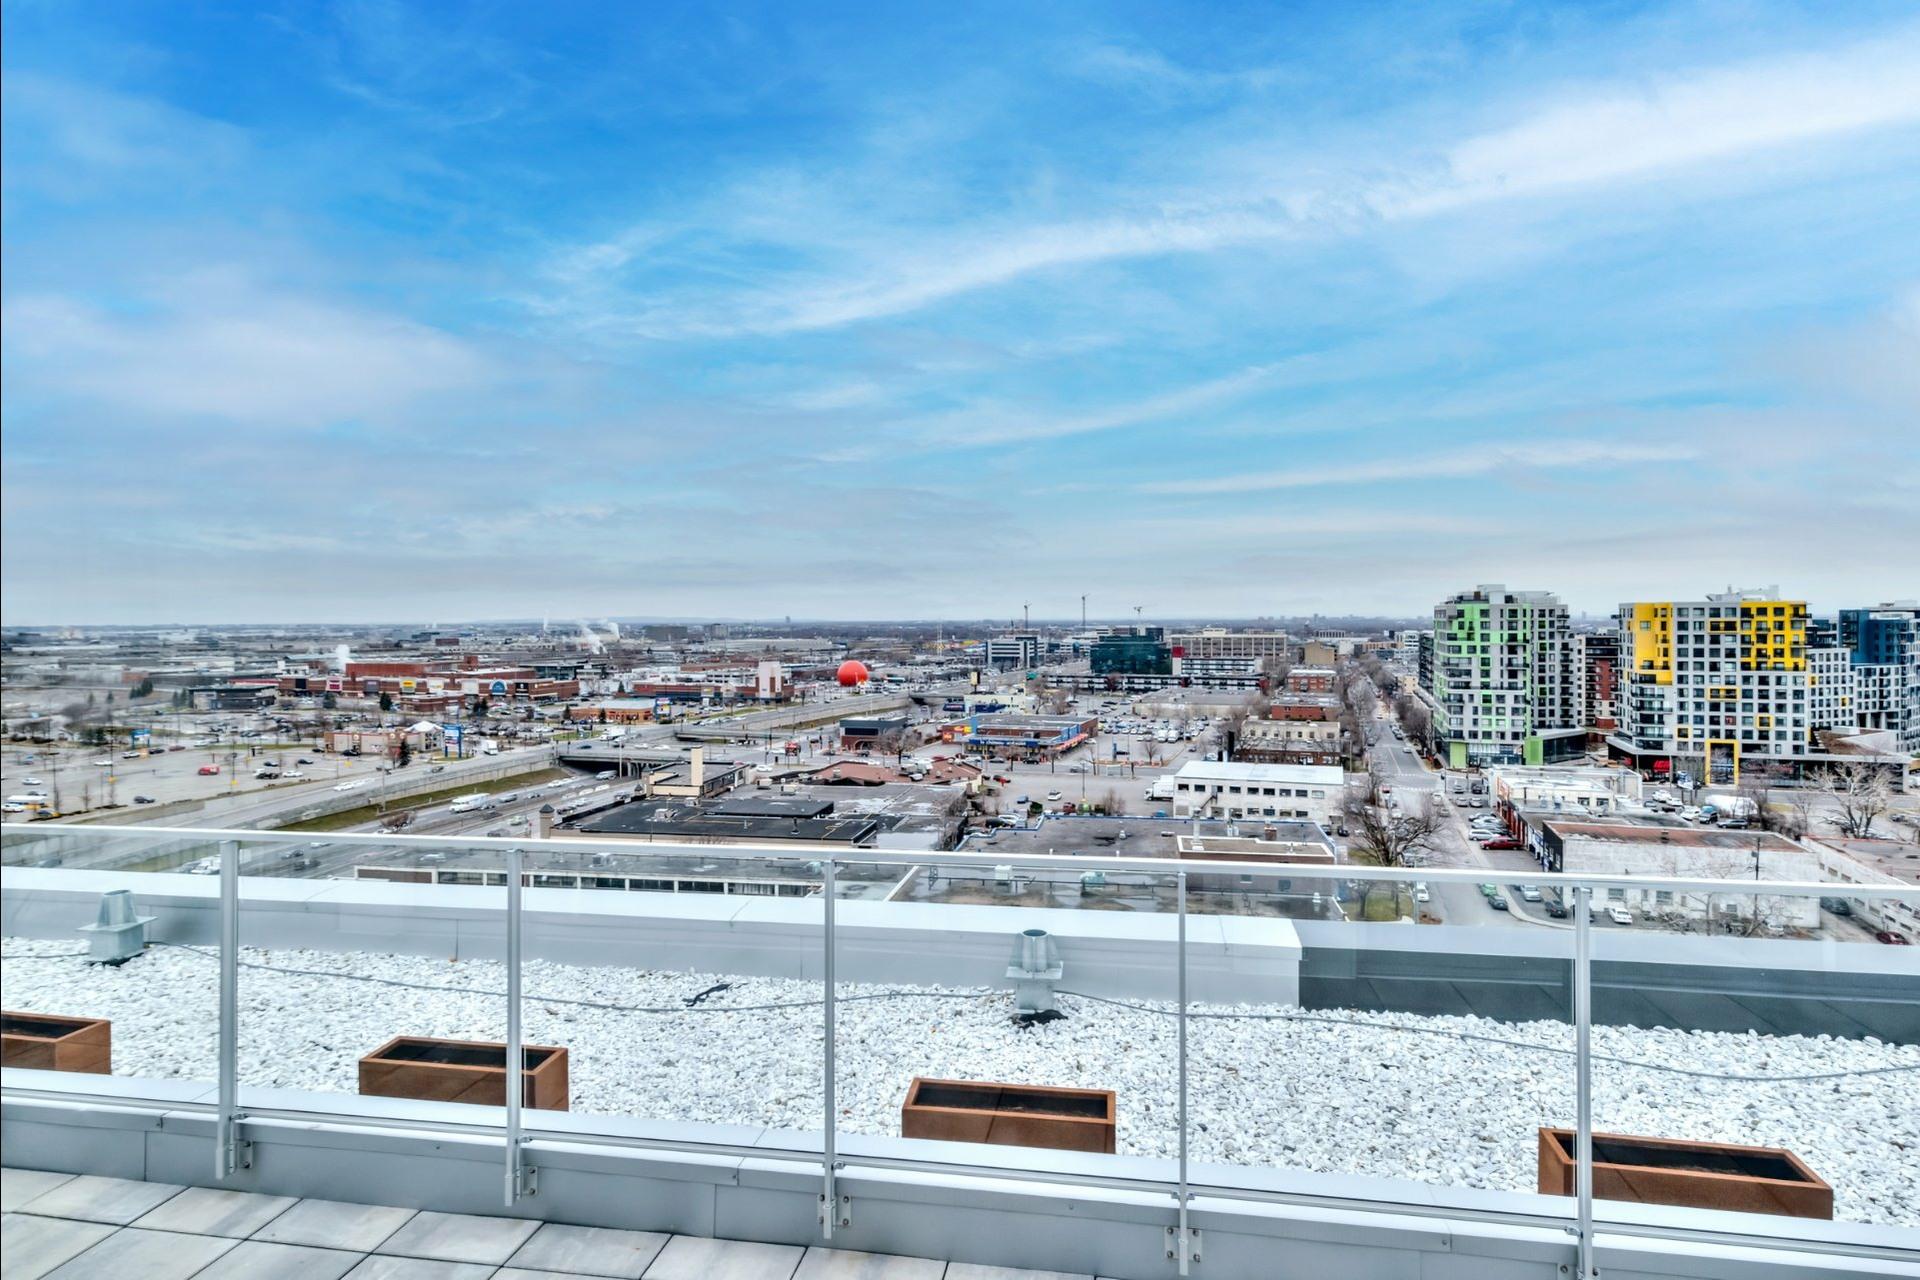 image 24 - 公寓 出售 Côte-des-Neiges/Notre-Dame-de-Grâce Montréal  - 4 室